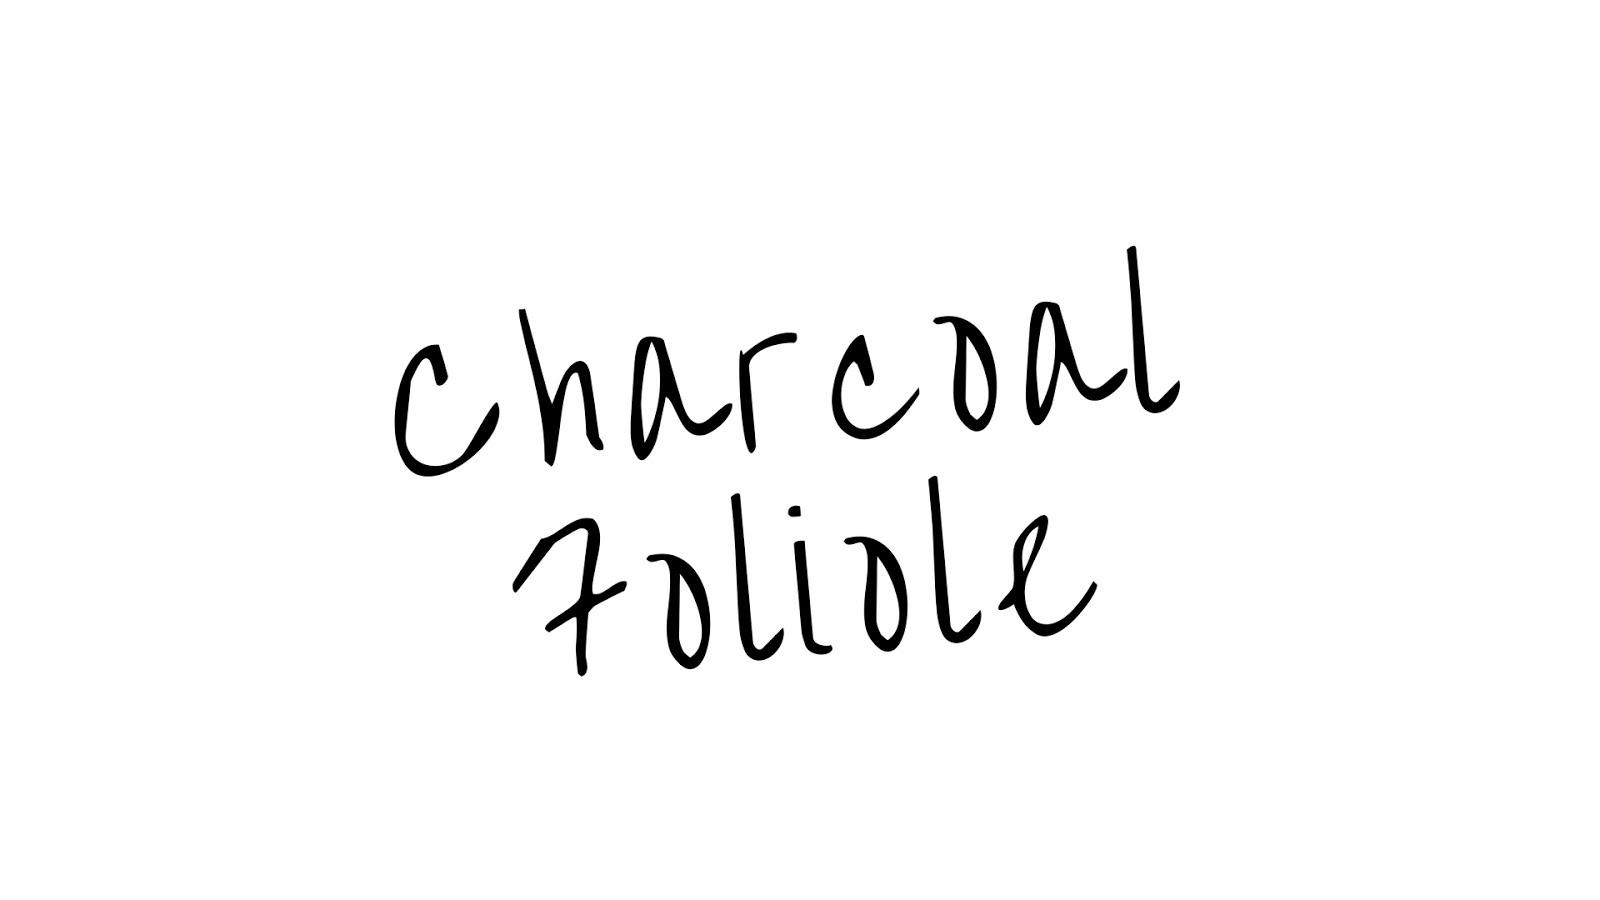 Charcoal Foliole